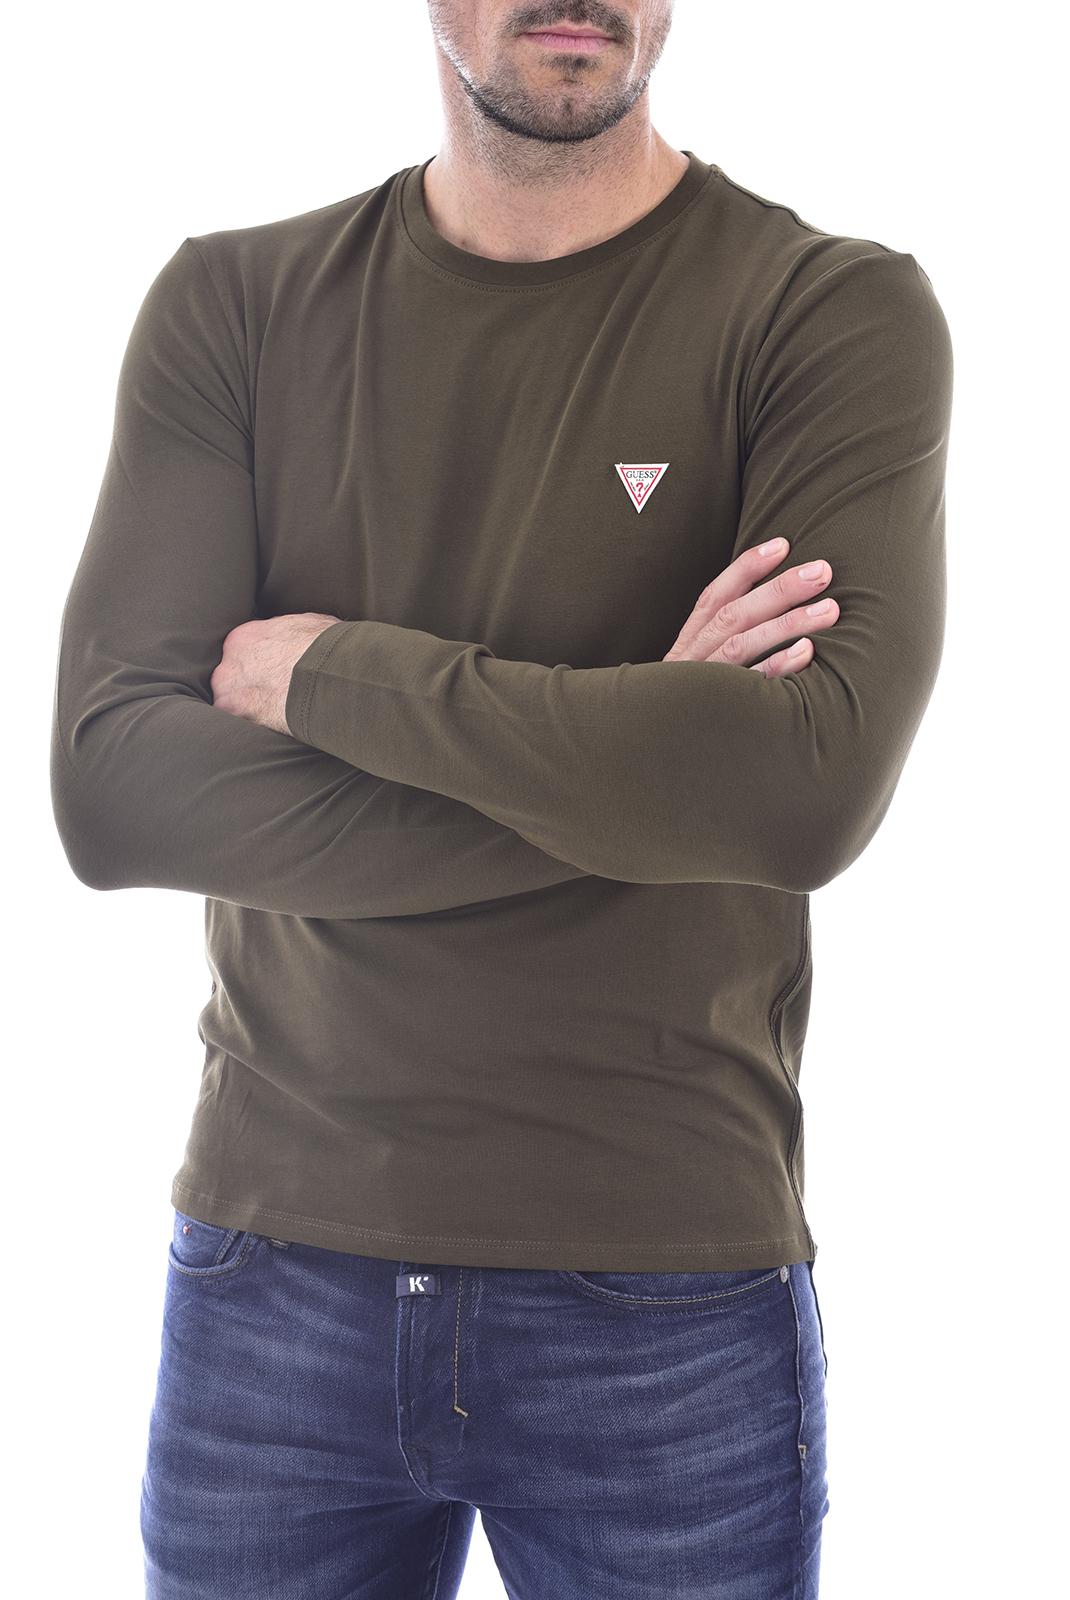 T-S manches longues  Guess jeans M0BI28 J1311 G1AM vert